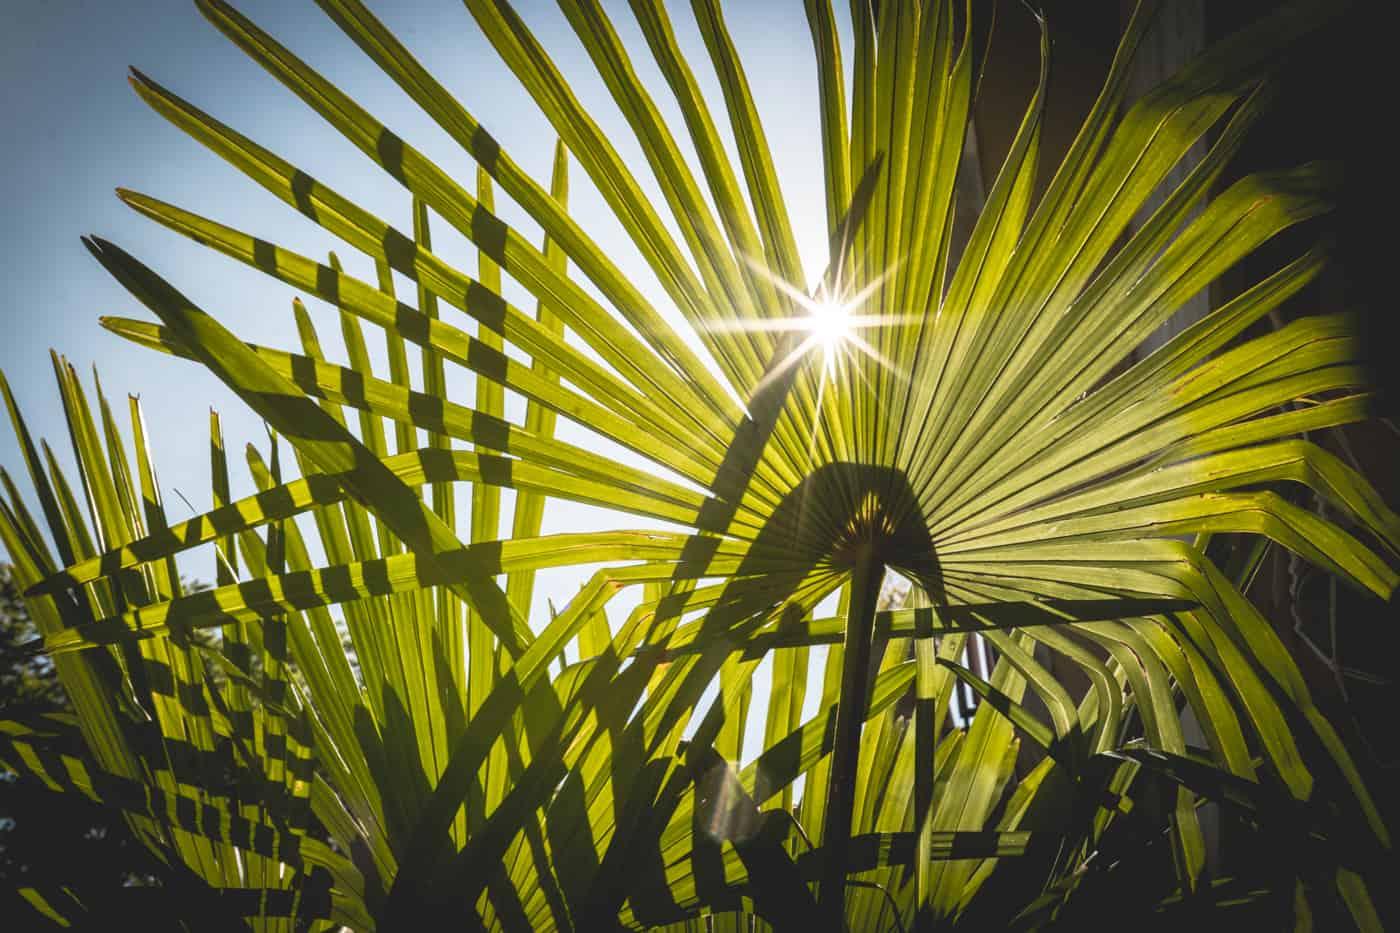 Dschungel Balkon einrichten: 10 pflegeleichte & winterharte Pflanzen + Dekotipps - Sonne & Wolken